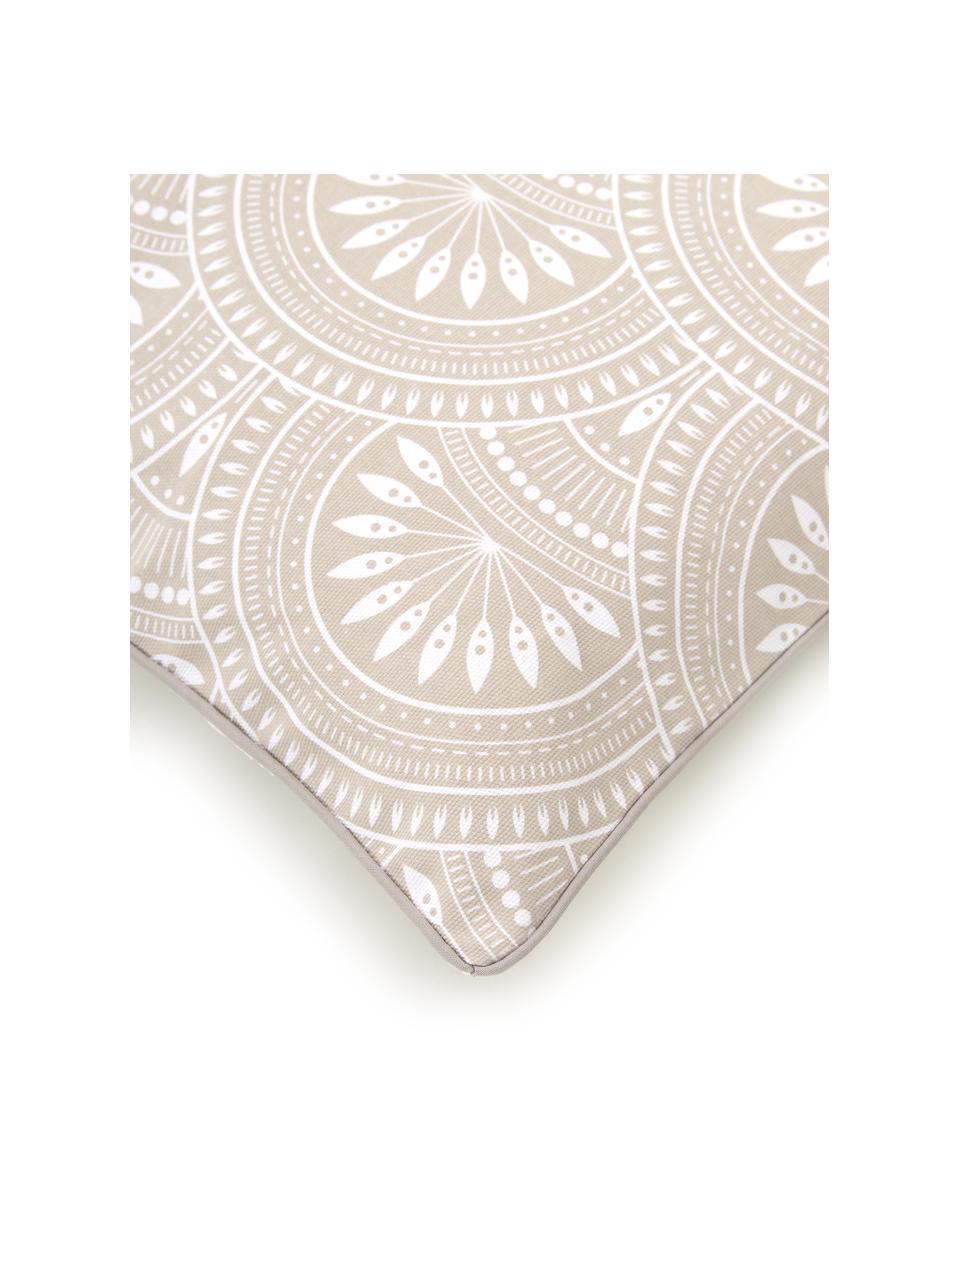 Dubbelzijdige kussenhoes Orient in lichtgrijs, 100% katoen, GOTS-gecertificeerd, Mat beige, wit, 45 x 45 cm